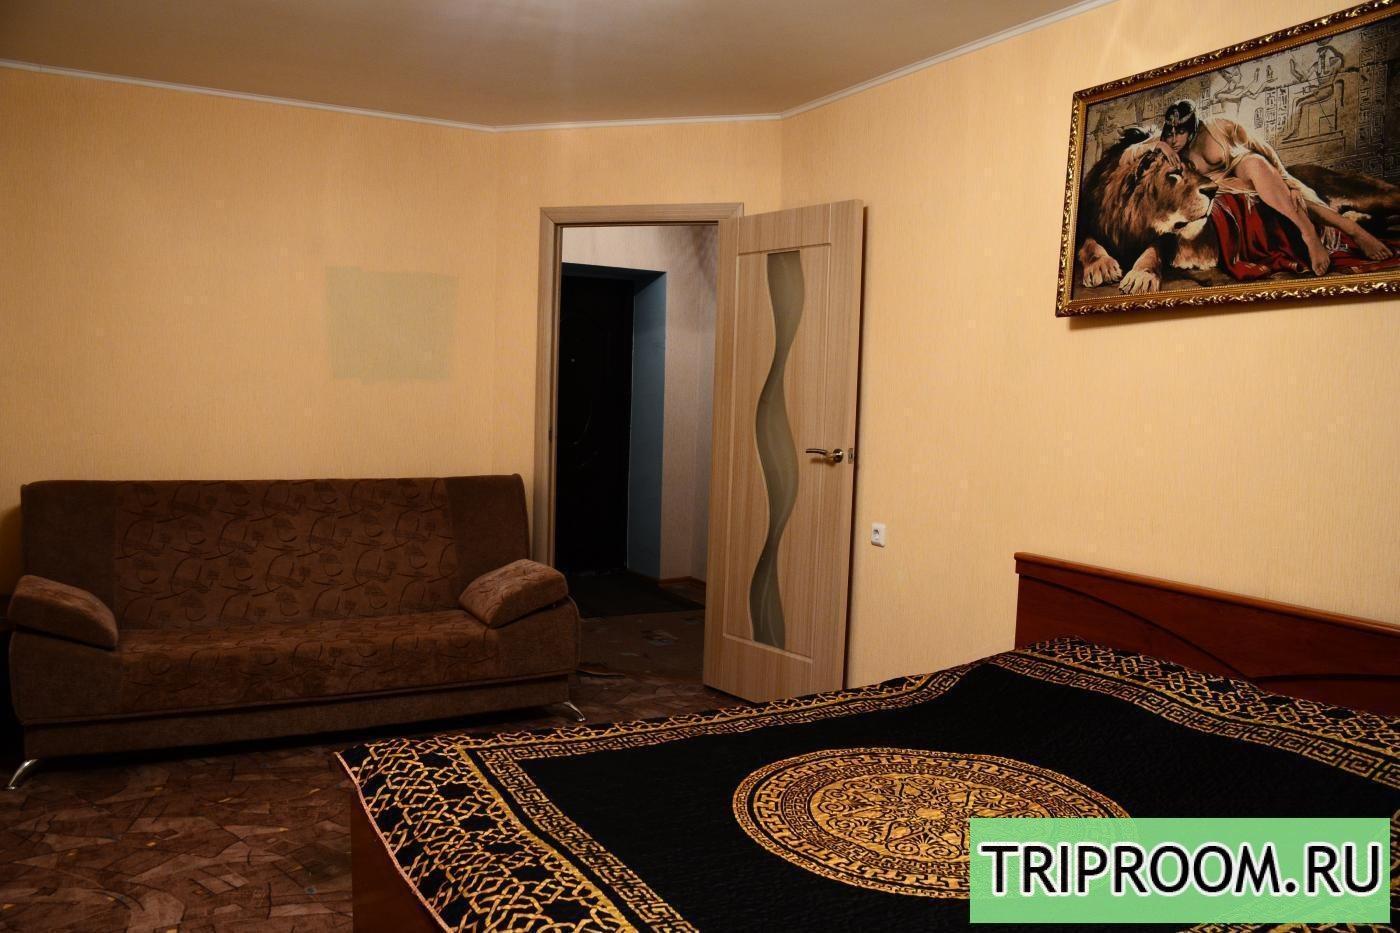 1-комнатная квартира посуточно (вариант № 3904), ул. Владимира Невского улица, фото № 1